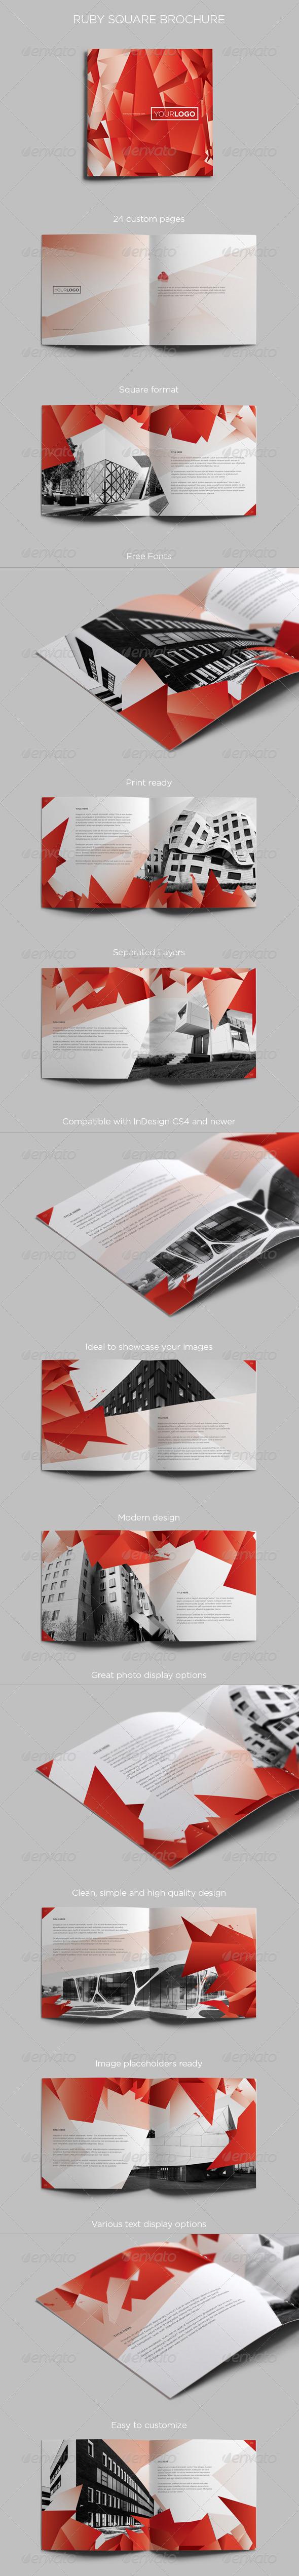 GraphicRiver Ruby Square Brochure 4910099